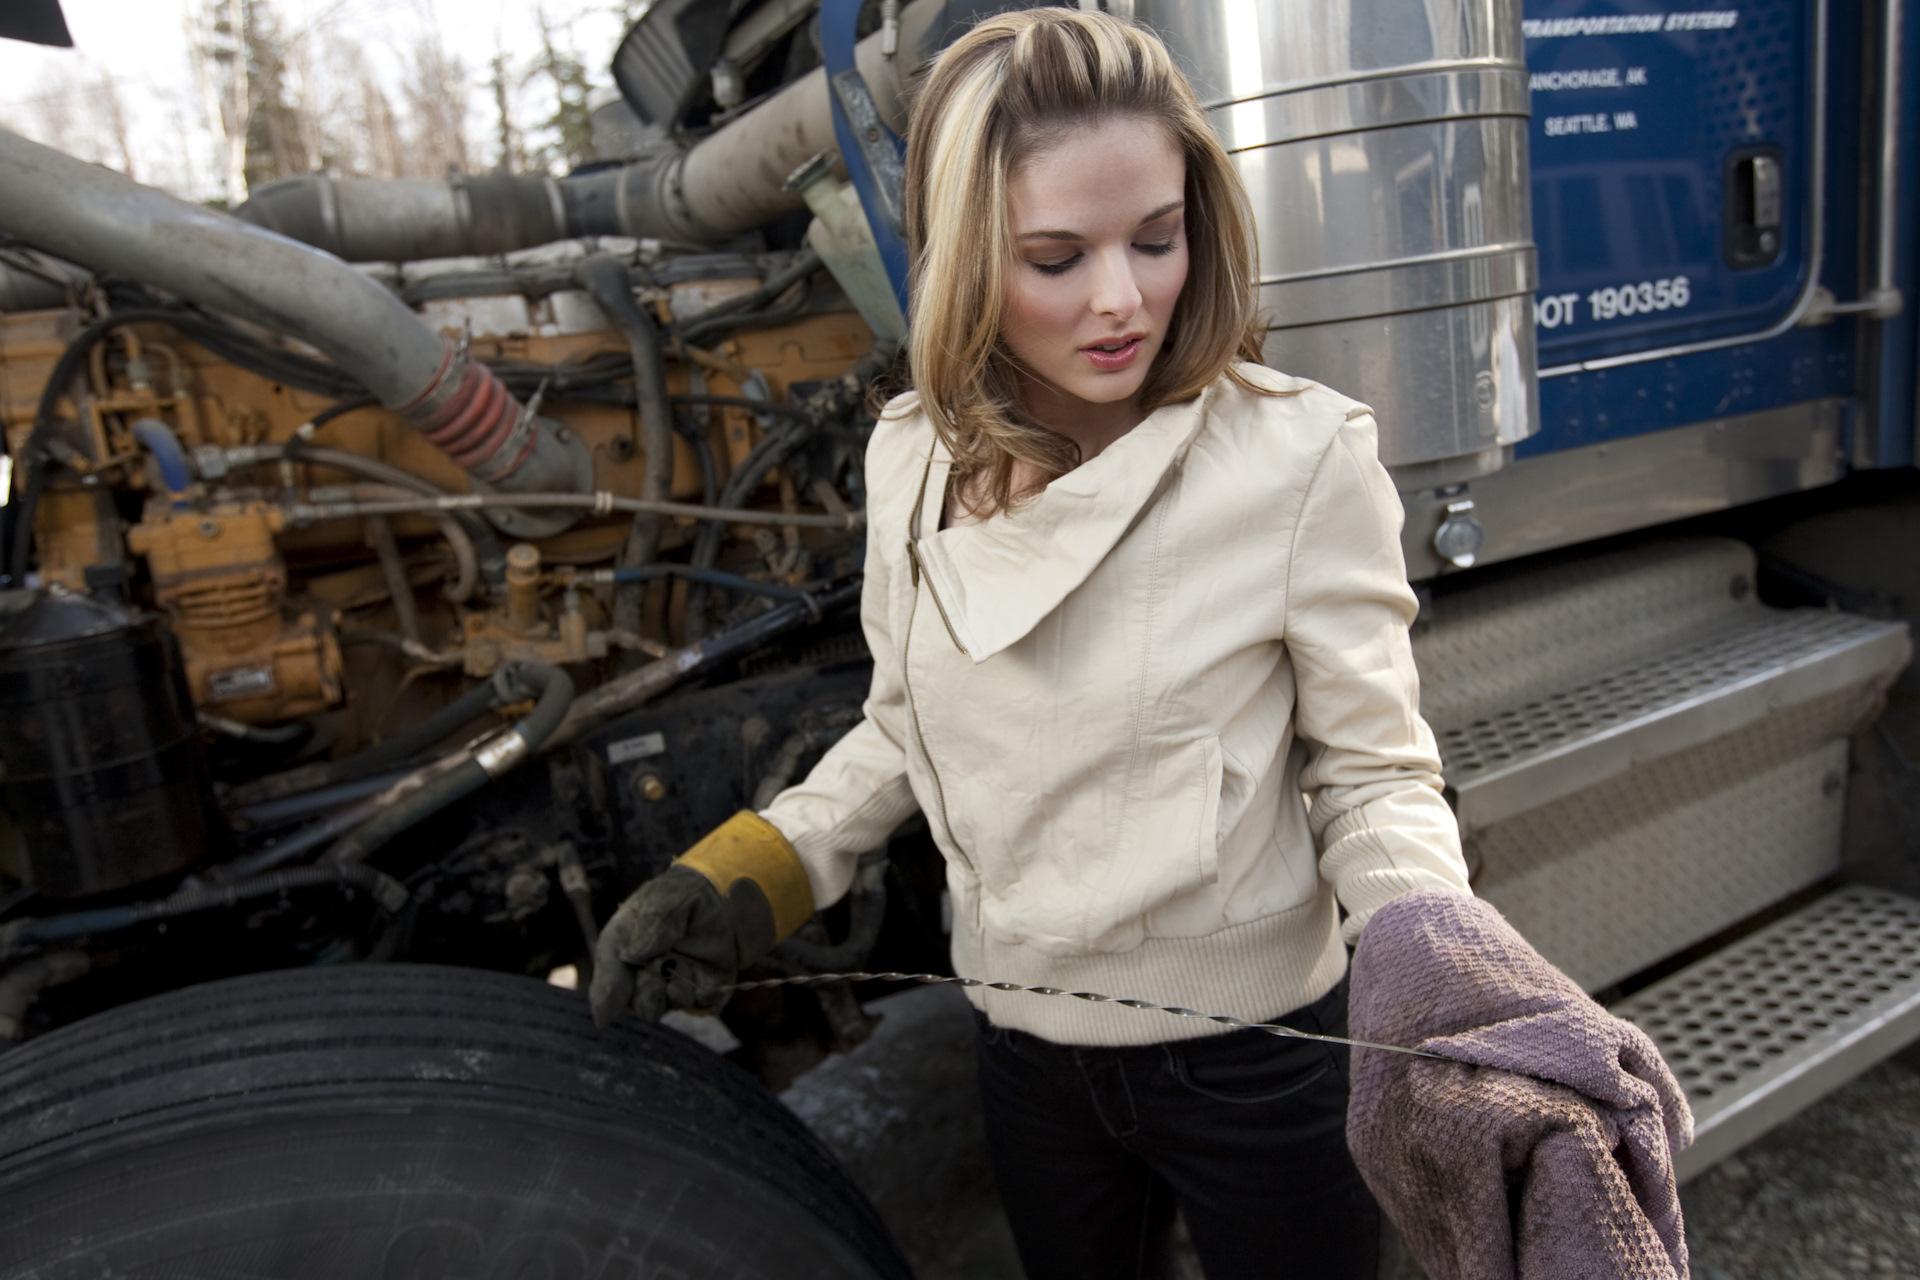 Сосут в грузовиках, Дальнобойщик (найдено 78 порно видео роликов) 14 фотография